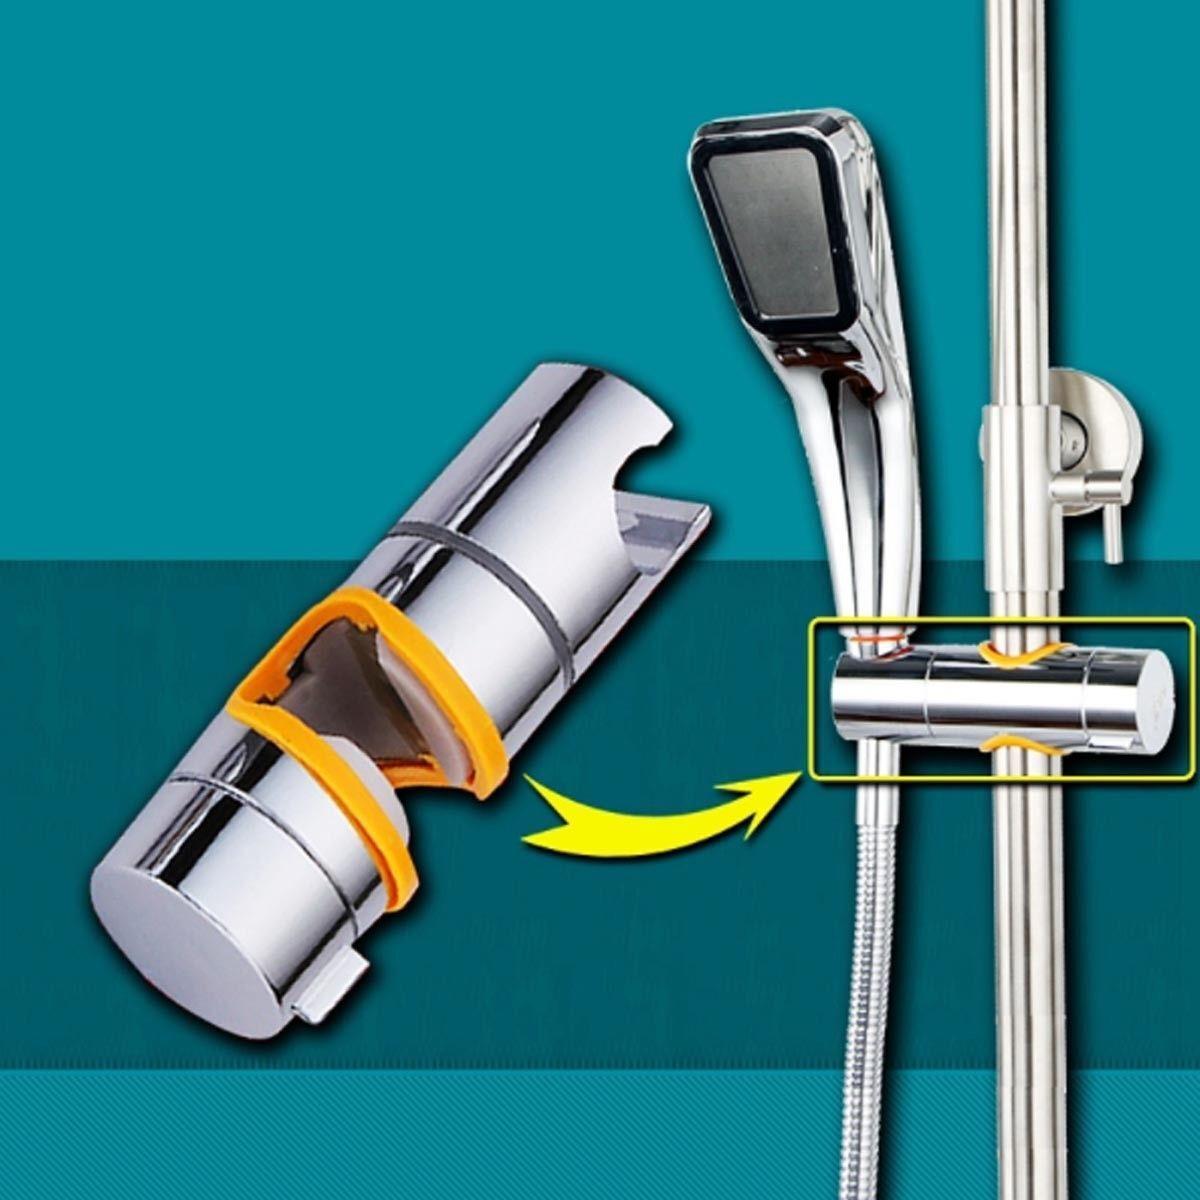 Duschkopfhalter,Handbrause Halterung,Duschkopf Halterung,20-25mm Verstellbar